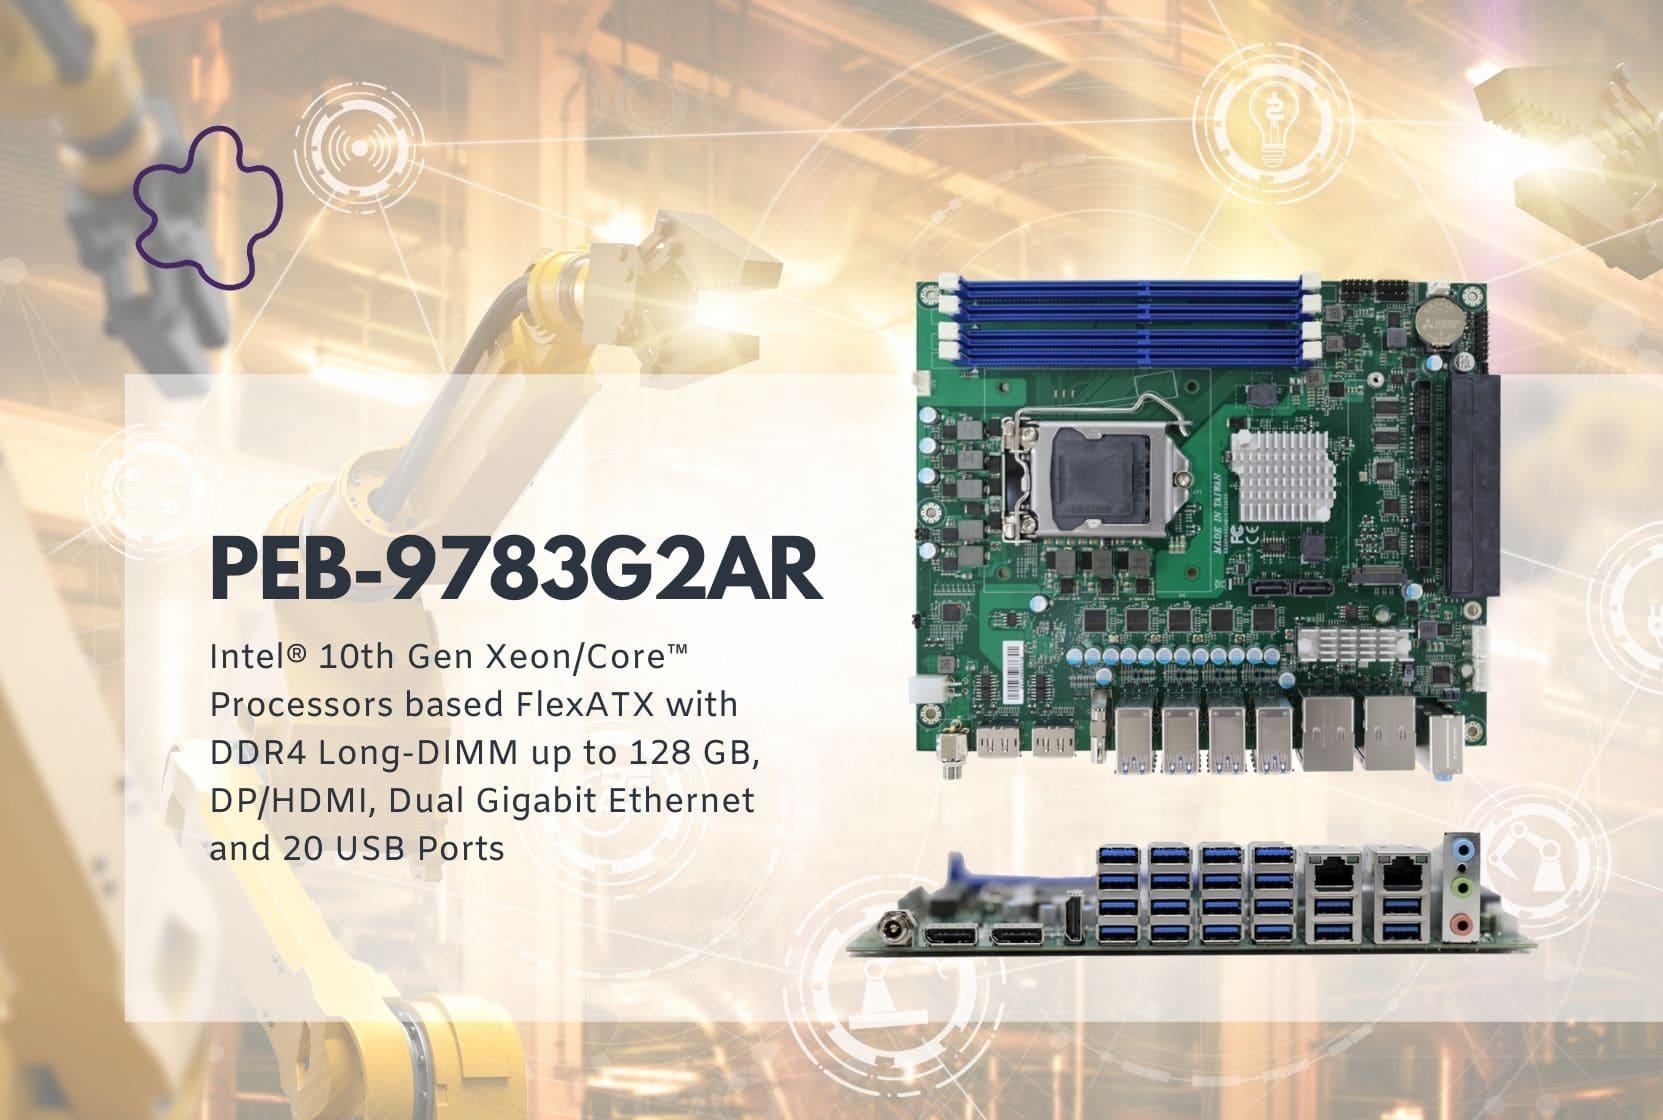 [Tin tức]Bo mạch chủ Portwell PEB-9783G2AR - dành riêng cho khách hàng cần số lượng cổng USB tối đa